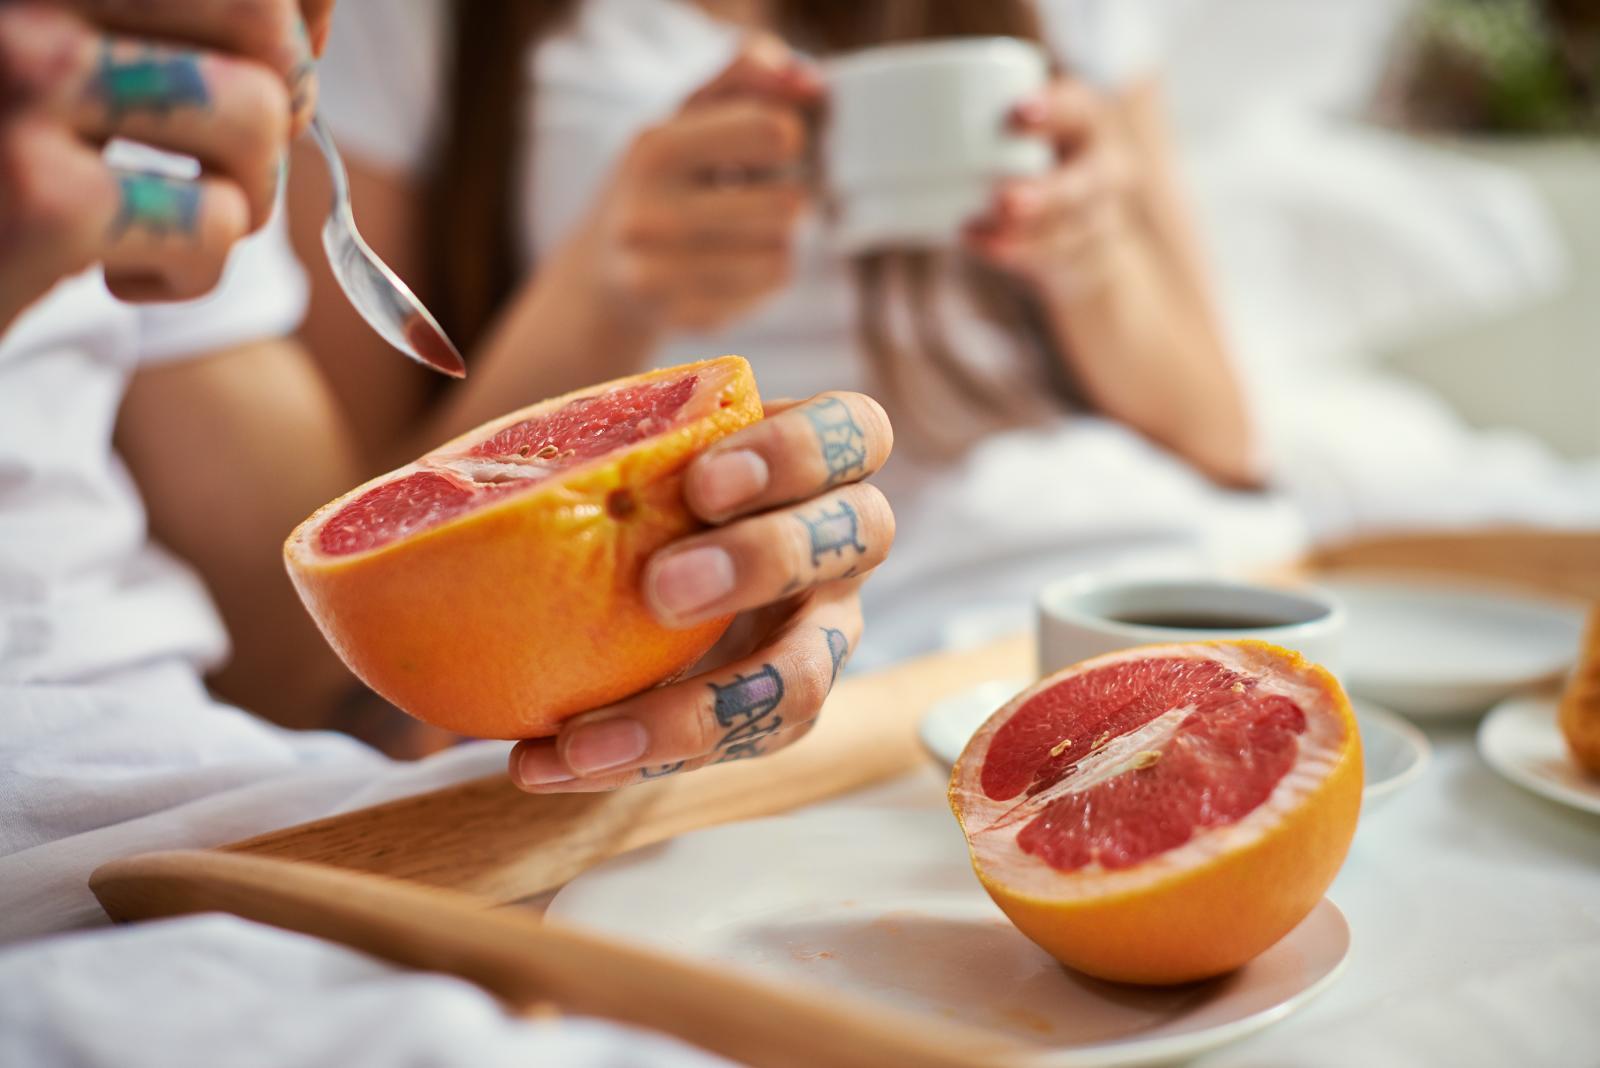 Uz jabuke koje obiluju pektinom, i grejp je visoko na listi voća koje je preporučljivo jesti u vrijeme detoksa.